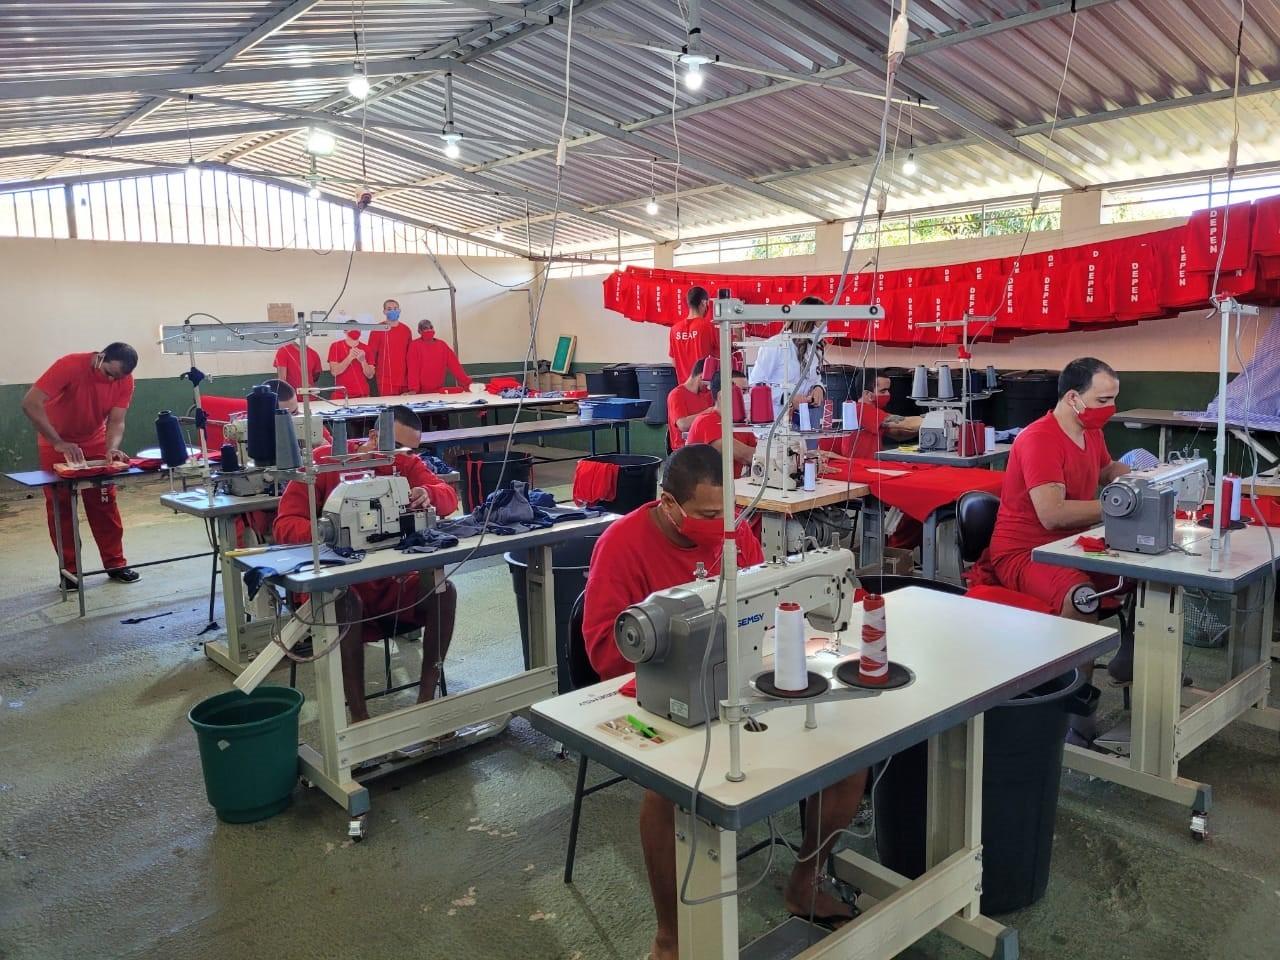 Detentos do presídio de Viçosa produzem uniformes para unidades prisionais de MG e escolas municipais